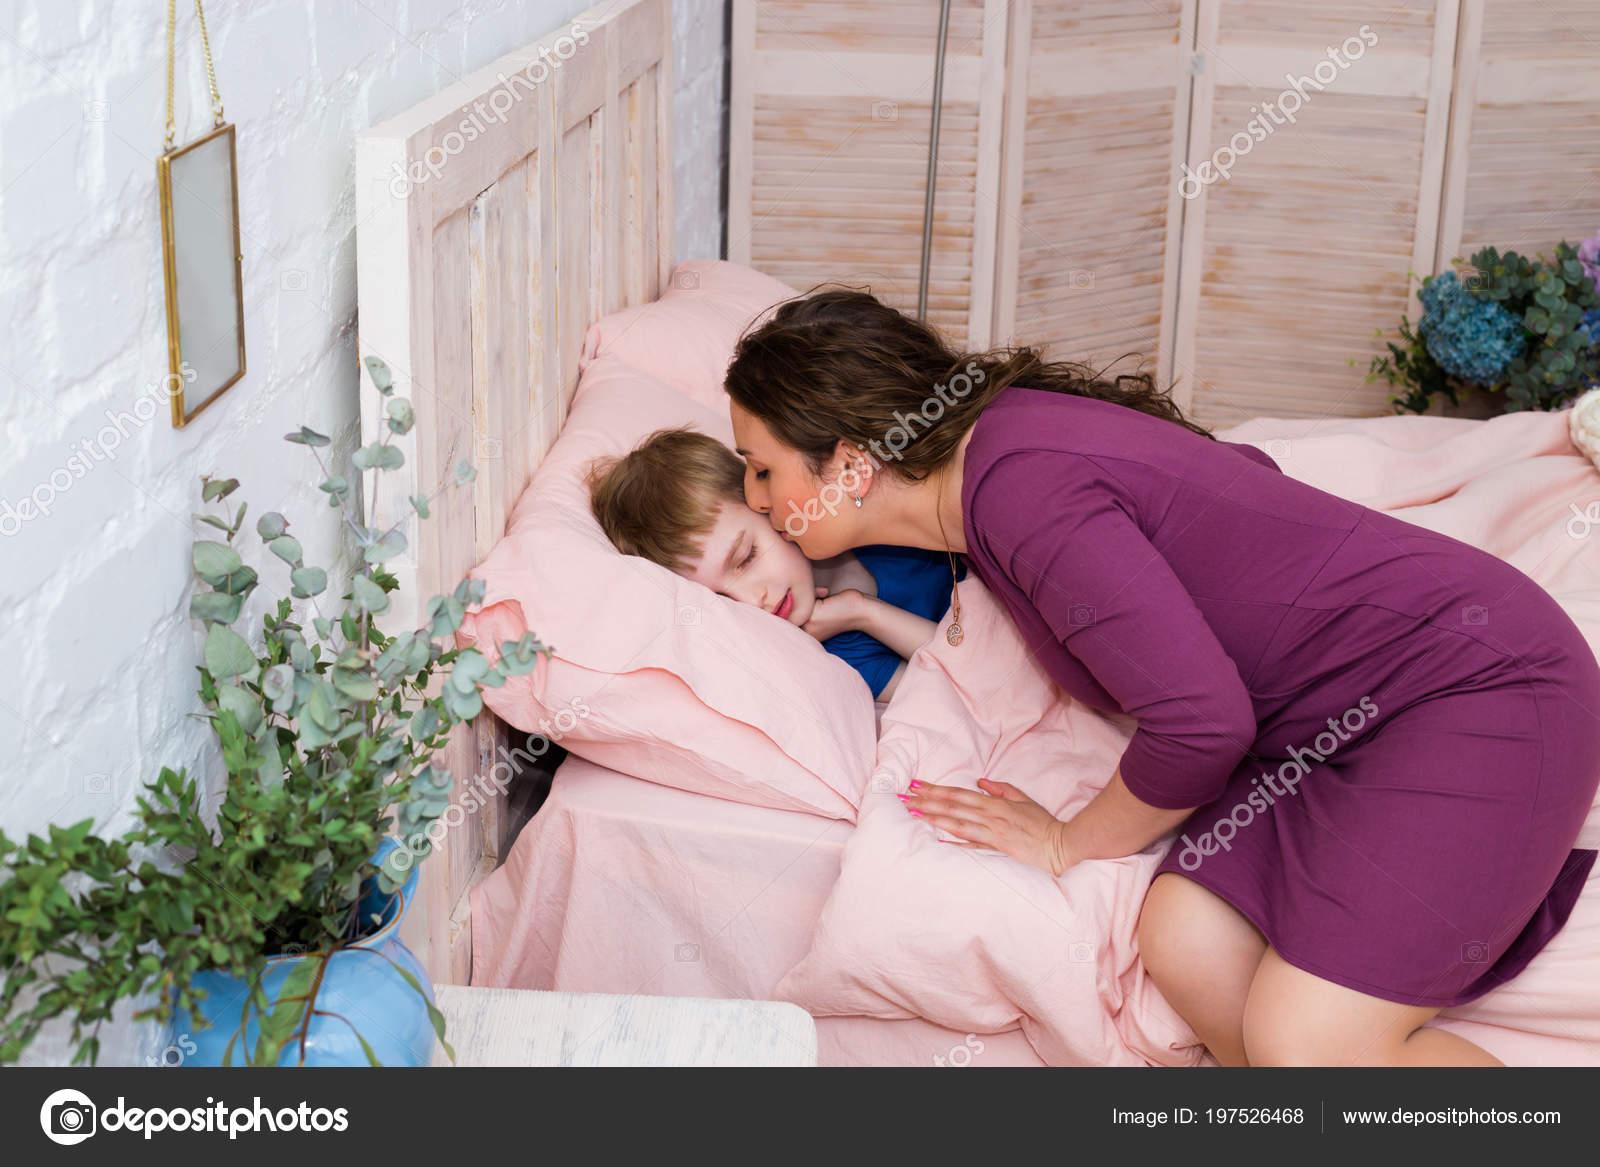 Рассказы трахнул спящую маму, Порно рассказы спящая мама читайте бесплатно онлайн 23 фотография